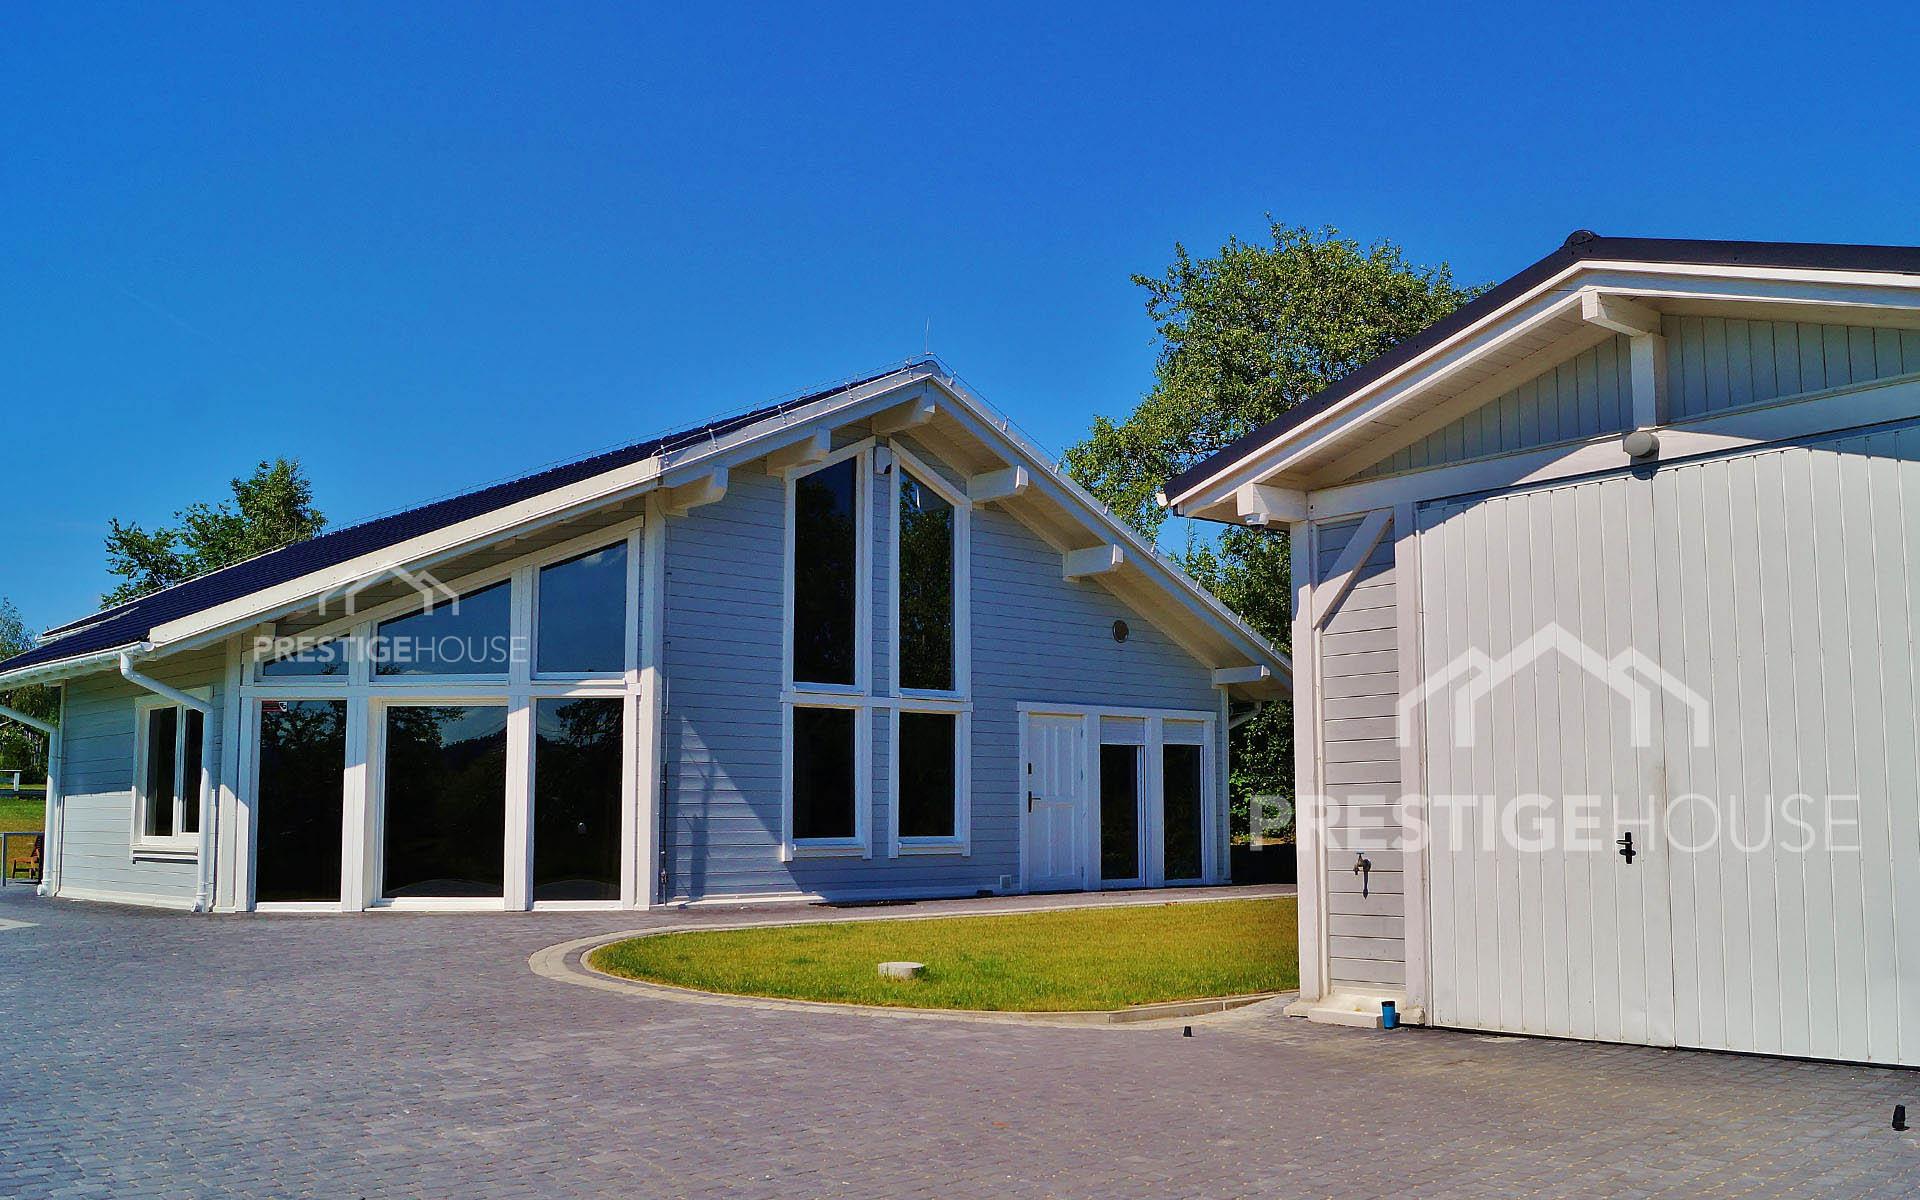 Prestige House Nowoczesne domy z drewna - producent